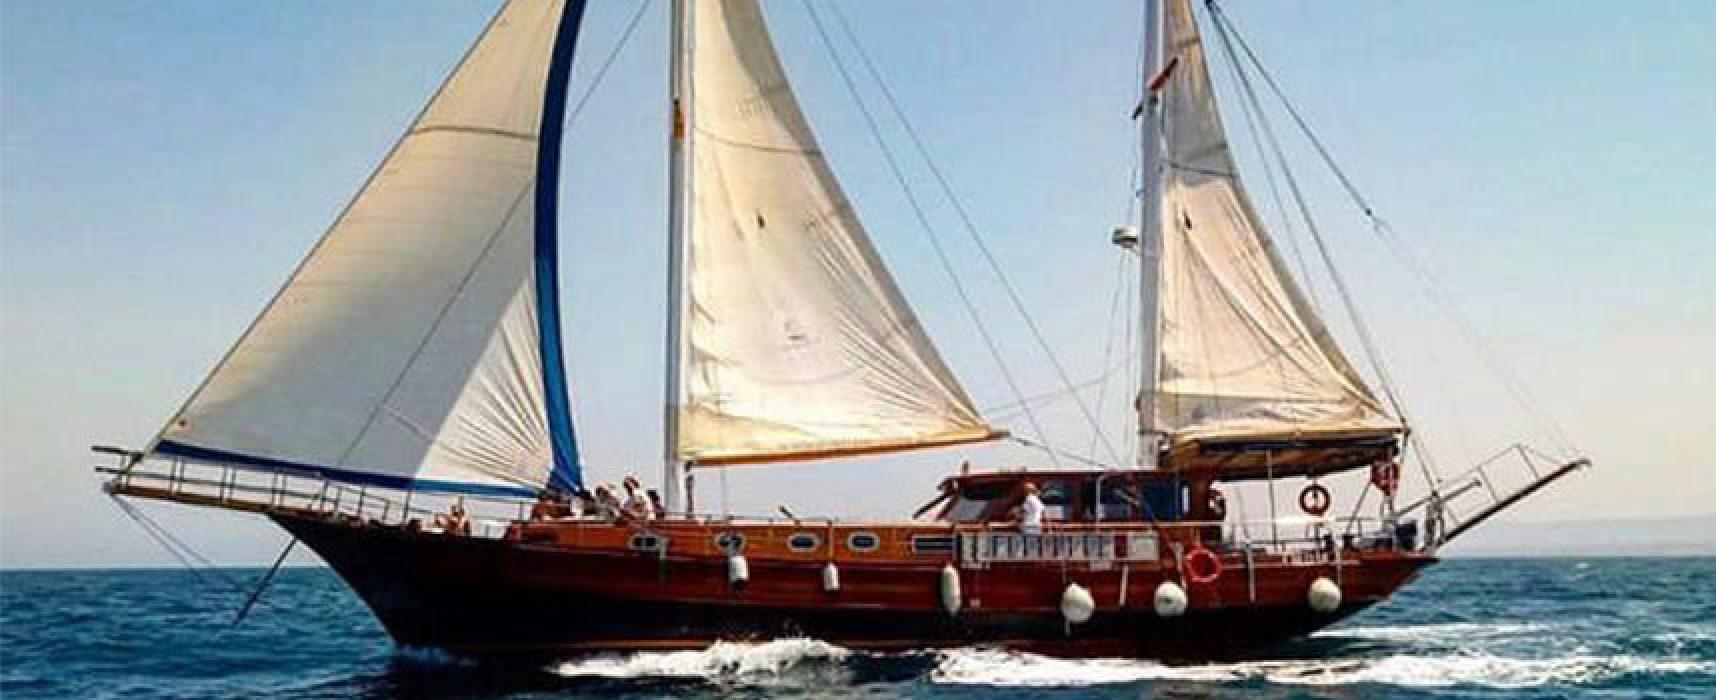 """L'imbarcazione storica """"Yasemin Sultan"""" arriva nel porto di Bisceglie"""